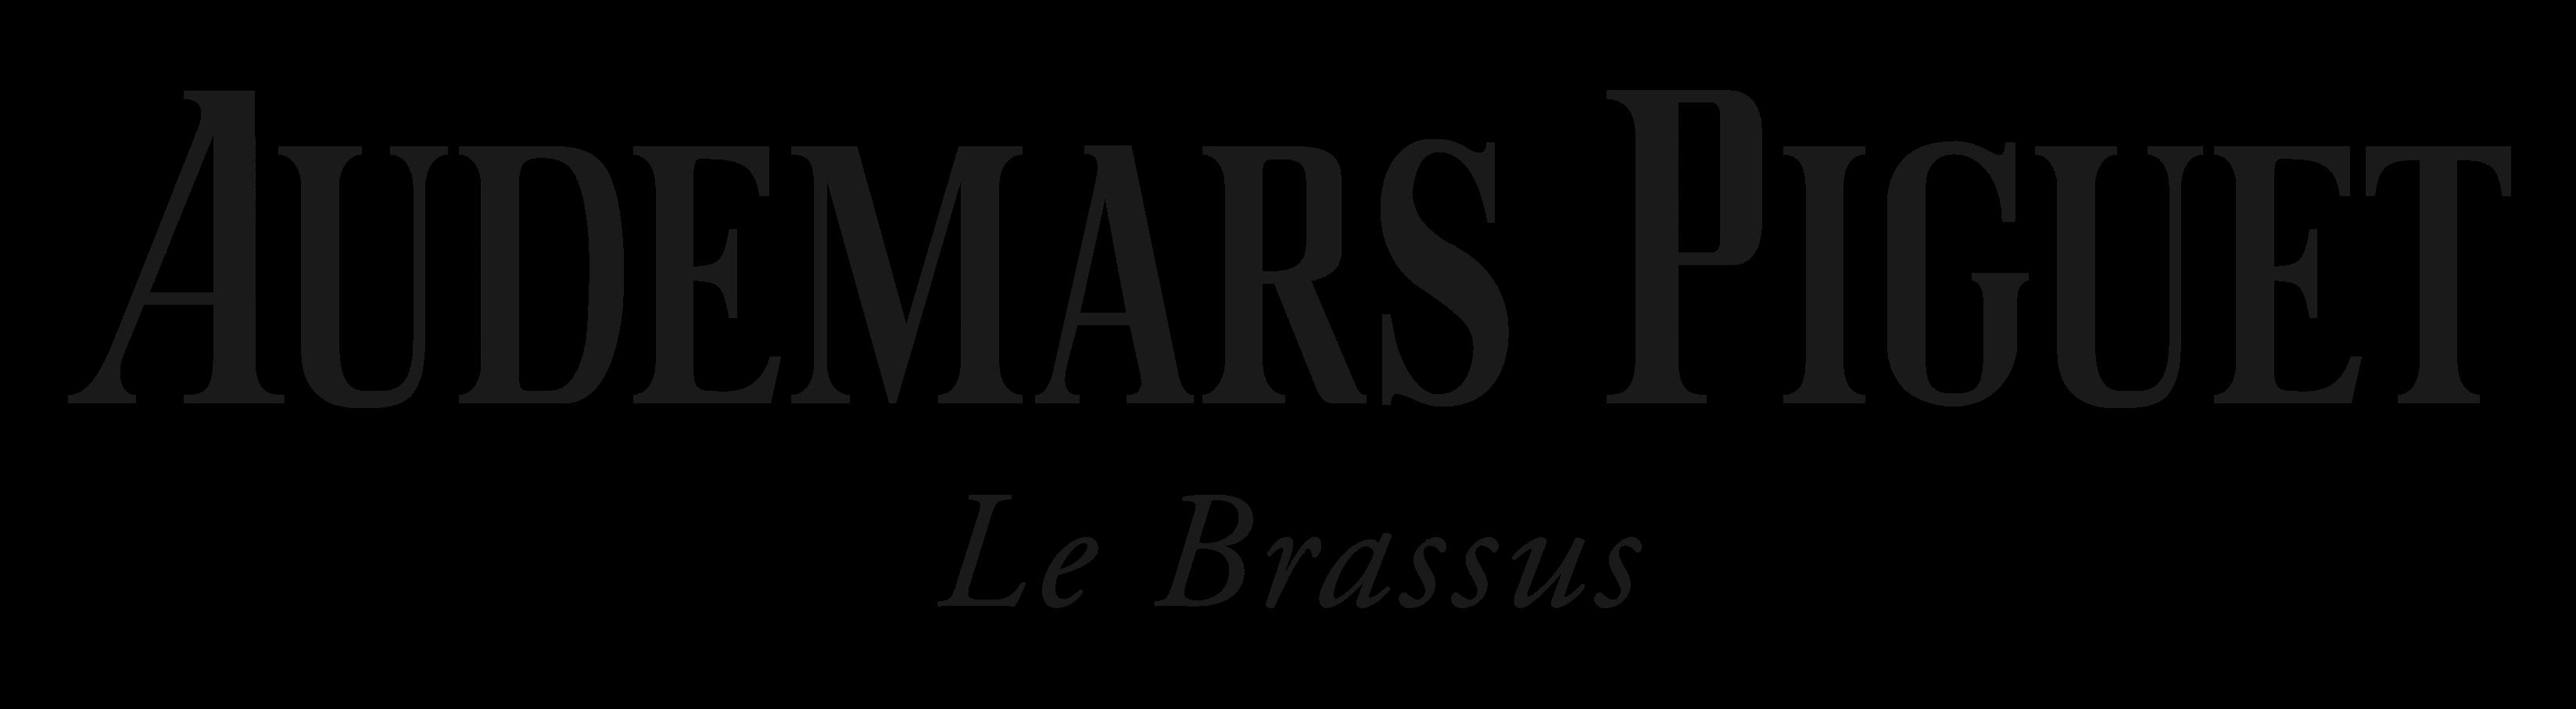 Audemars Piguet – Logos Download